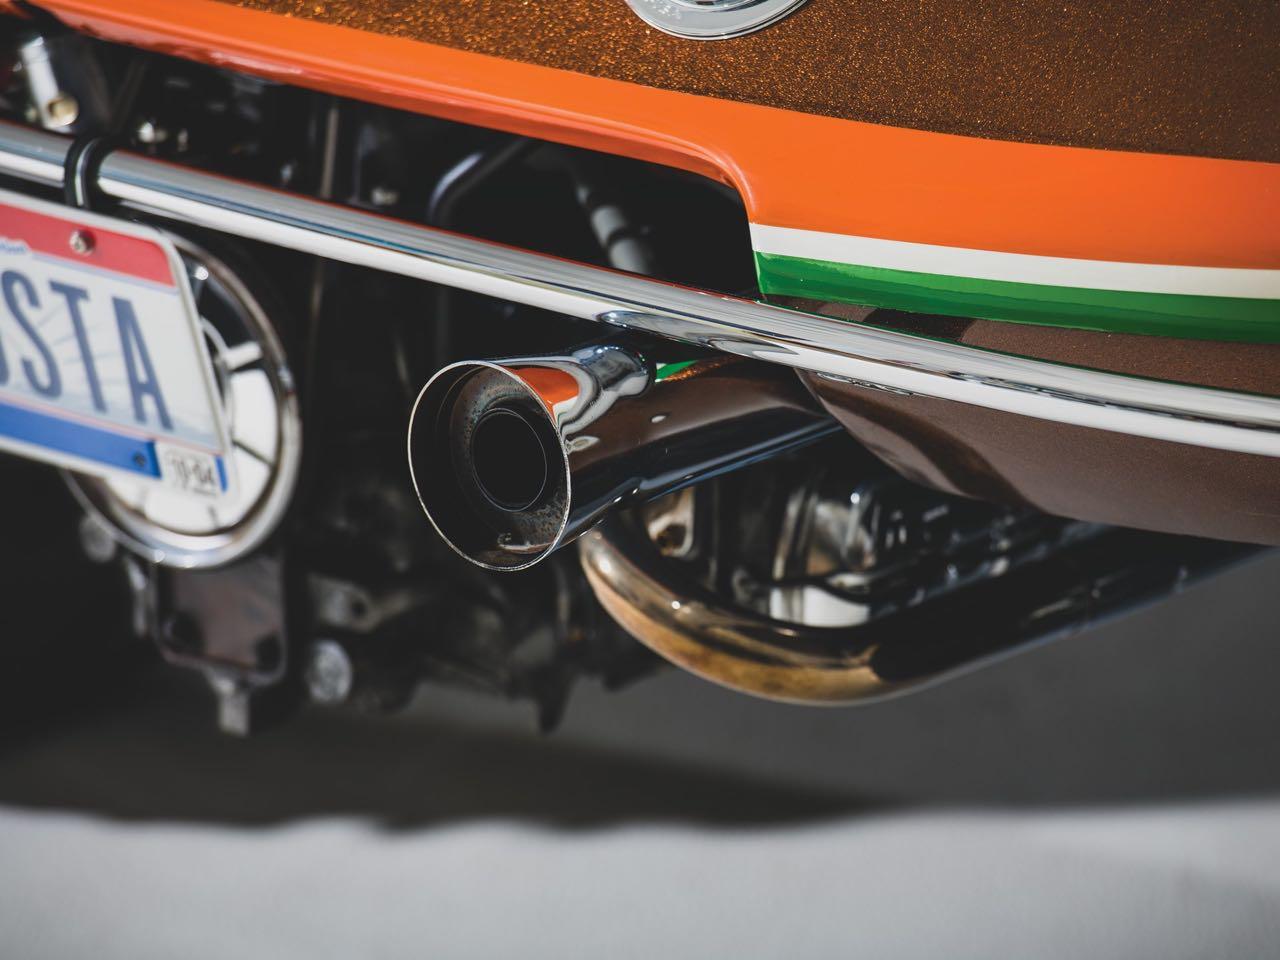 1971 Mangosta Sport Buggy - Délire V.I.P ! 10